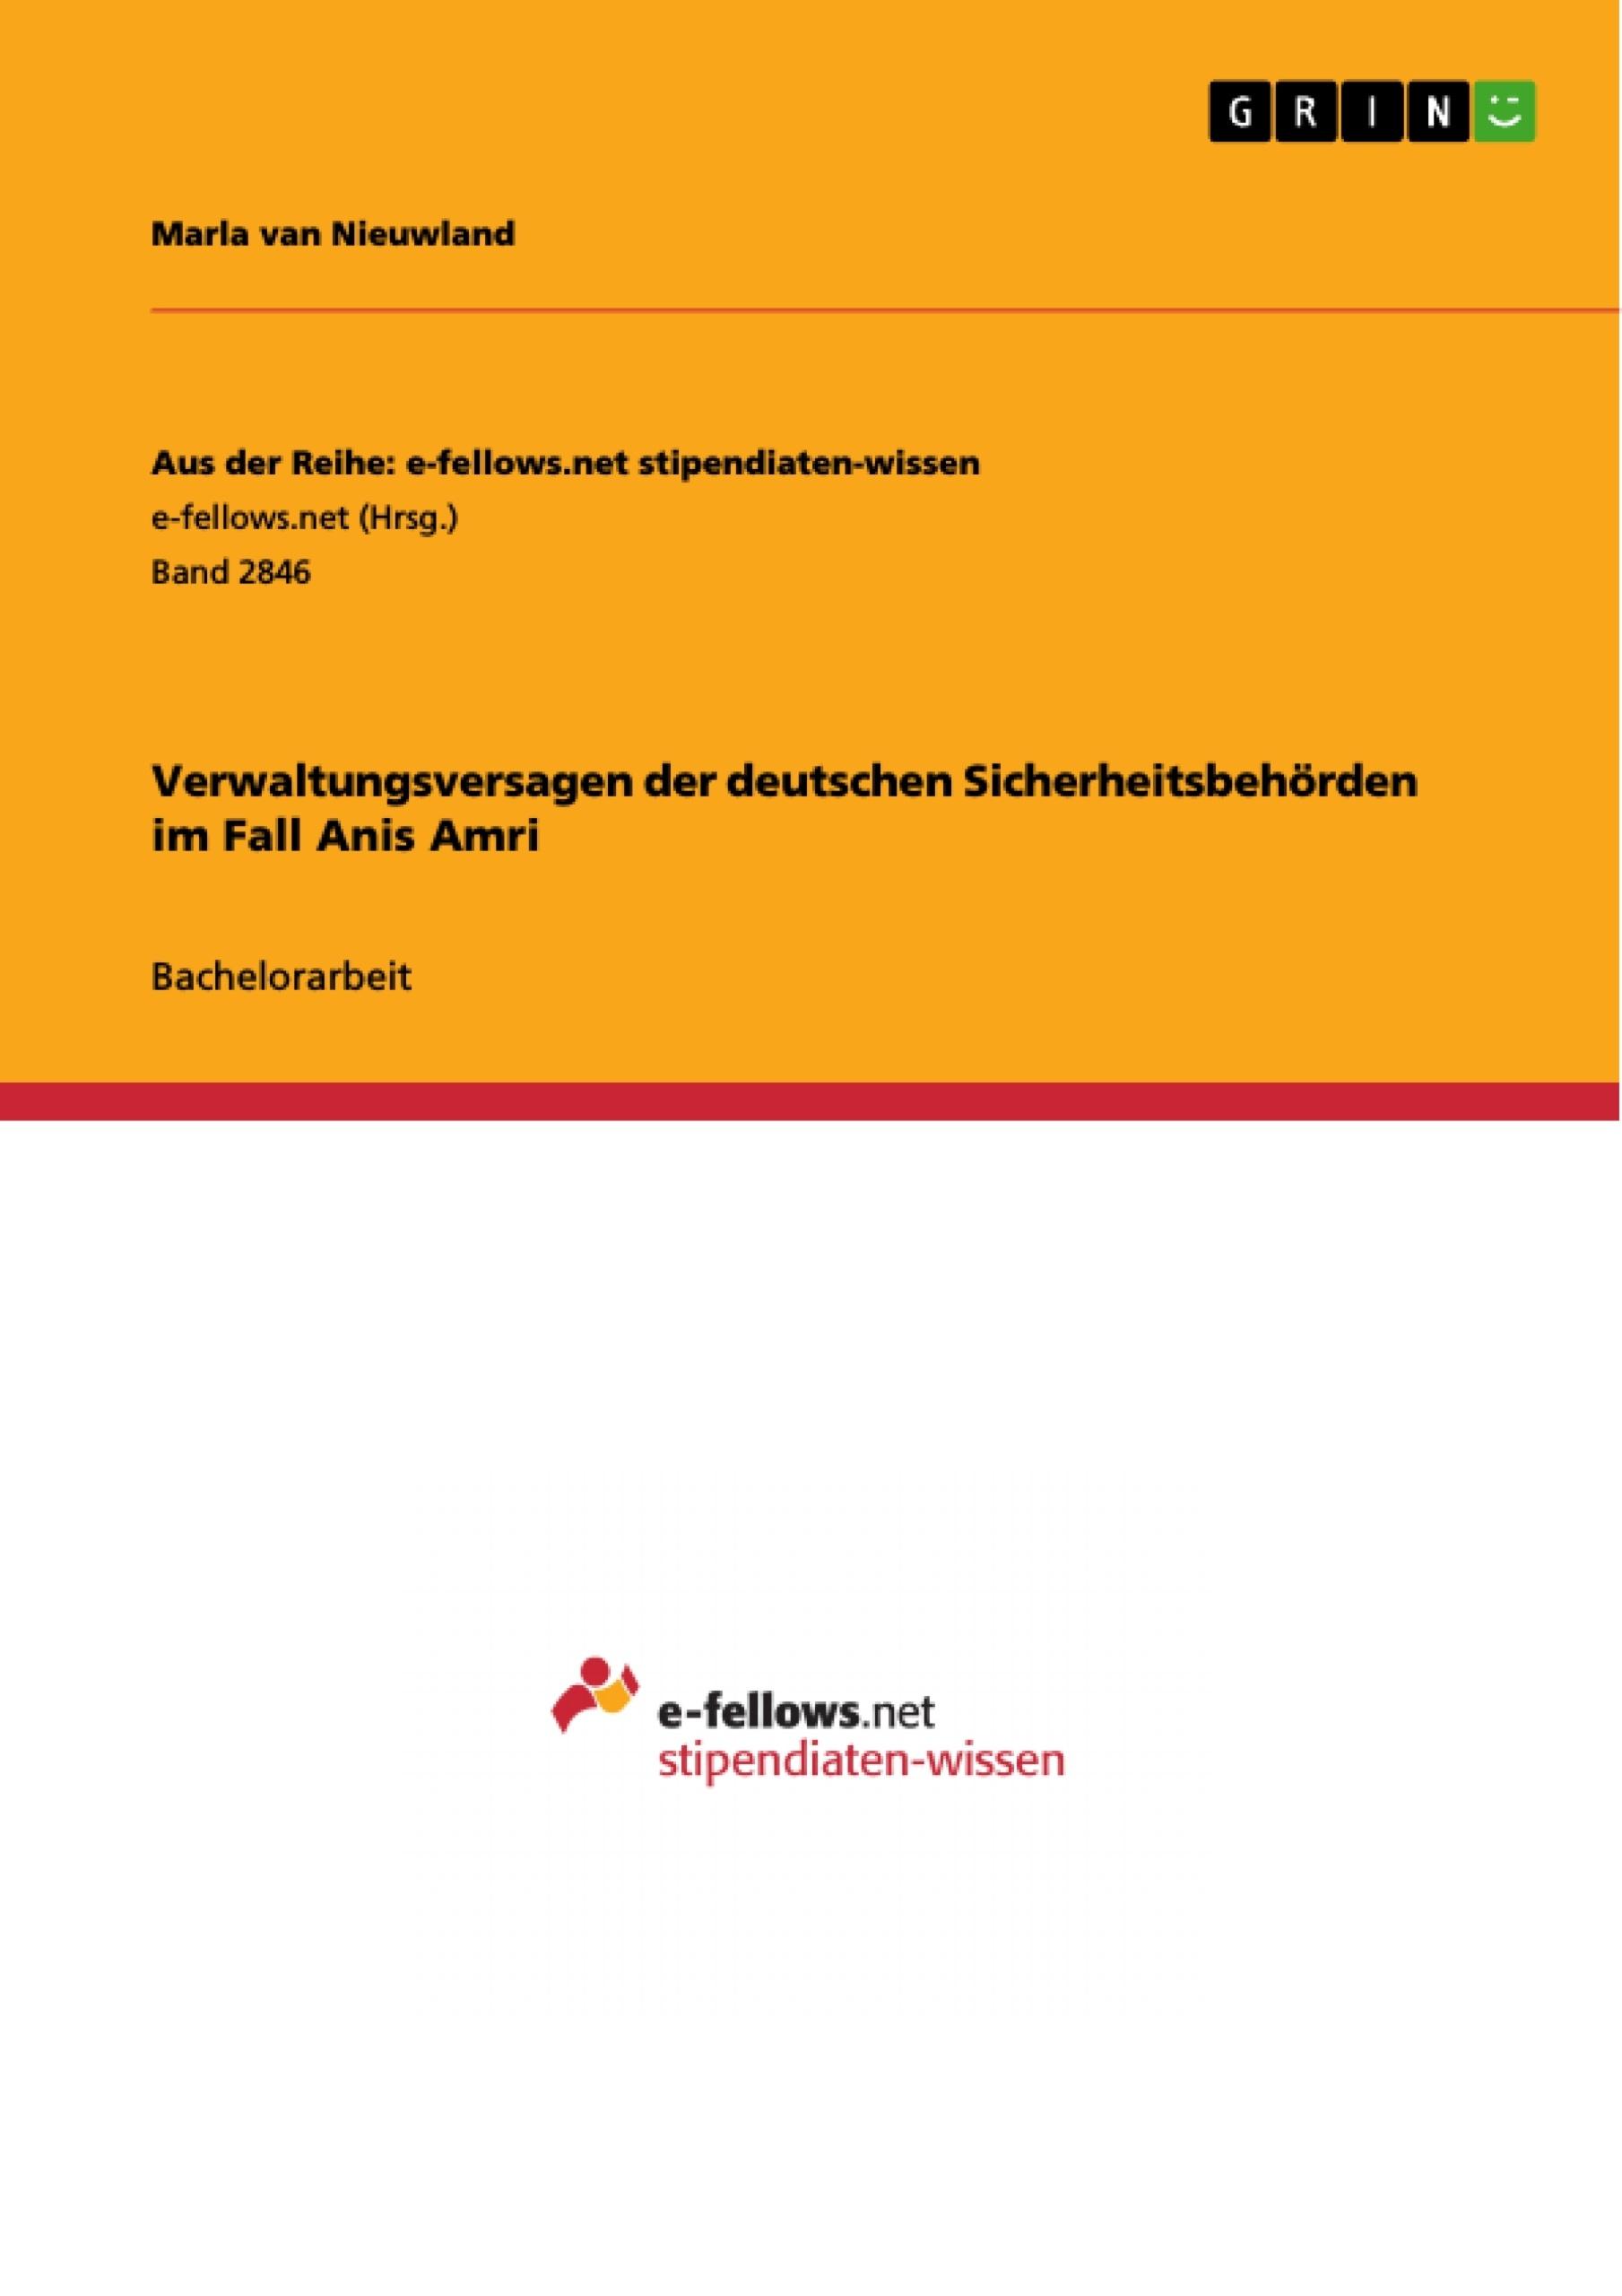 Titel: Verwaltungsversagen der deutschen Sicherheitsbehörden im Fall Anis Amri